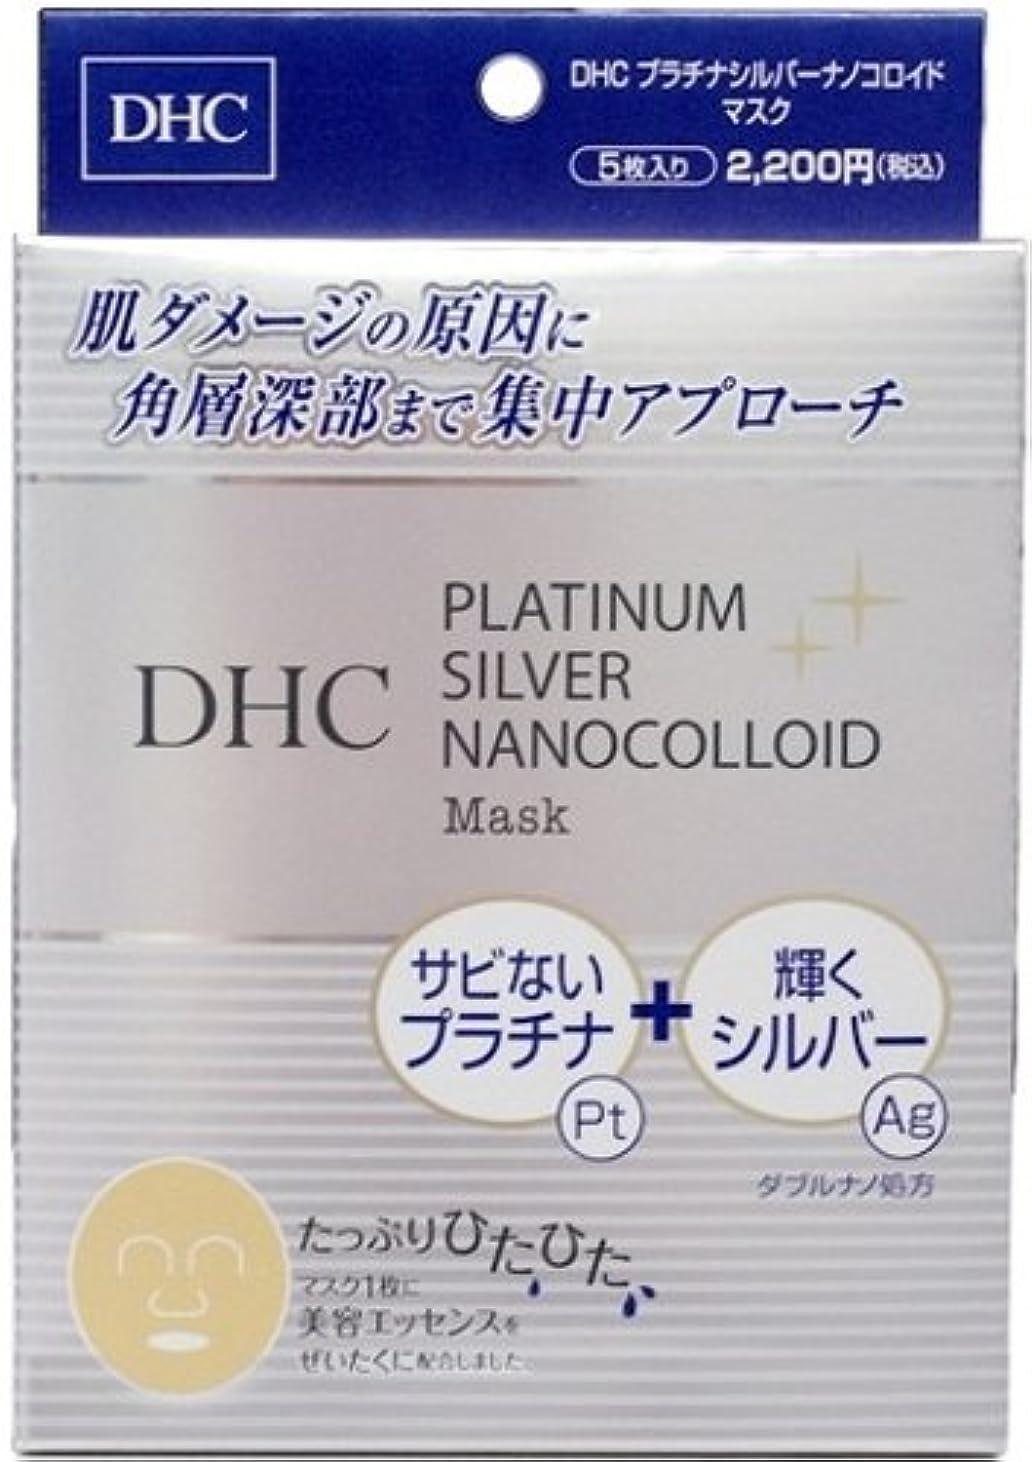 突破口肘お世話になったDHC PAナノコロイドマスク 5回分 (21ml×5枚)